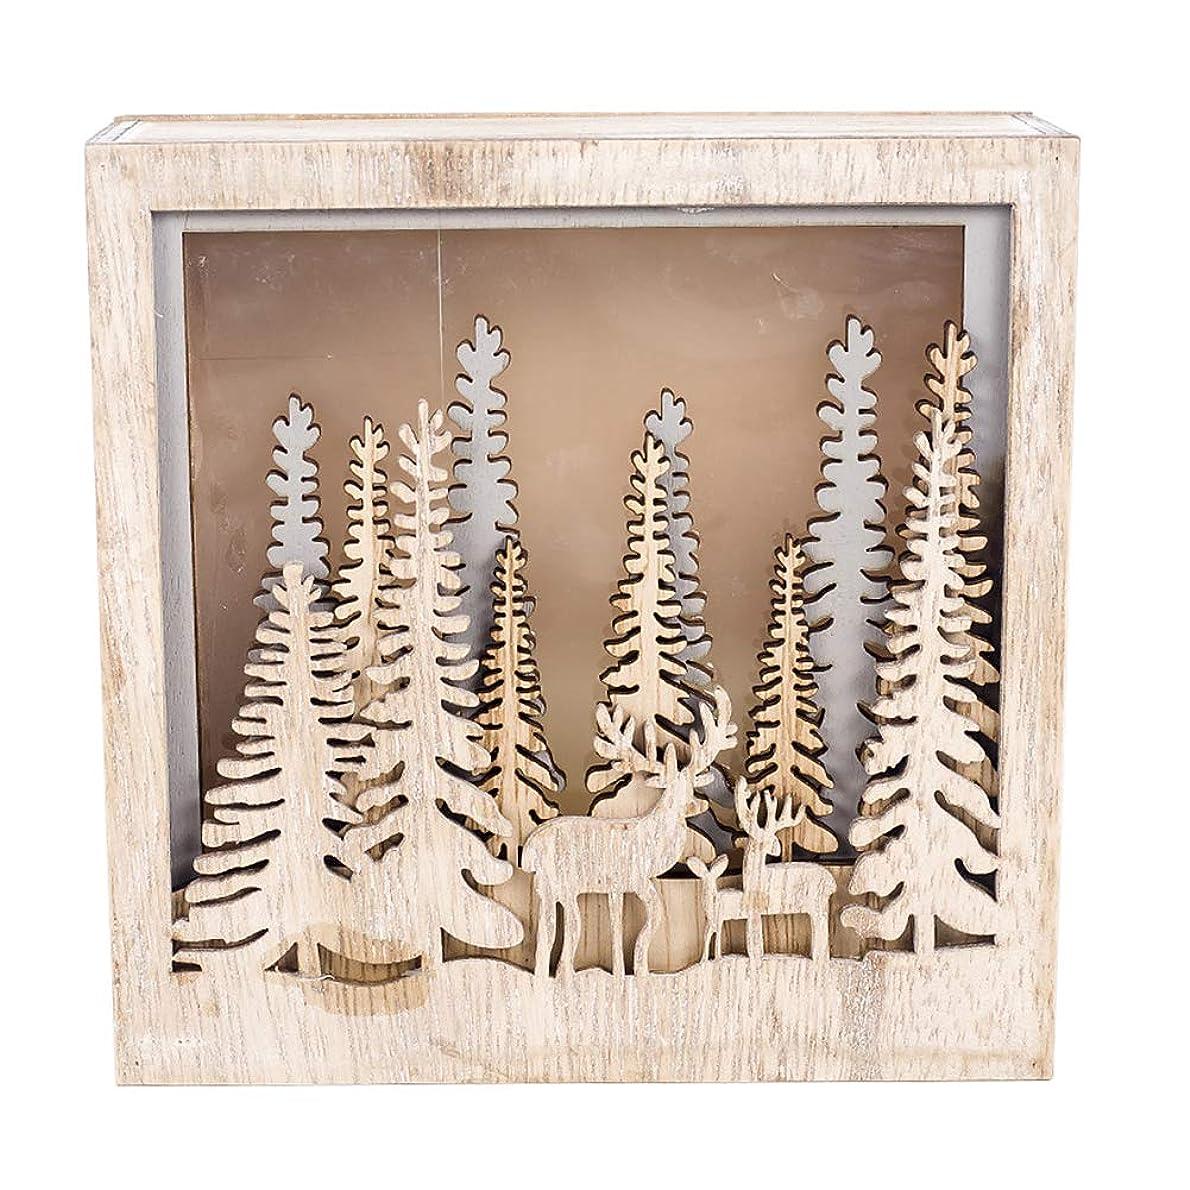 別の苦難ボリュームDOMO クリスマスオーナメント LEDライト付き クリスマス装飾 インスタイル 木製飾り DIY ペンダント 可愛い 家の装飾 子供のおもちゃ ギフト 飾りつけ ハンギングデコレーション 雑貨